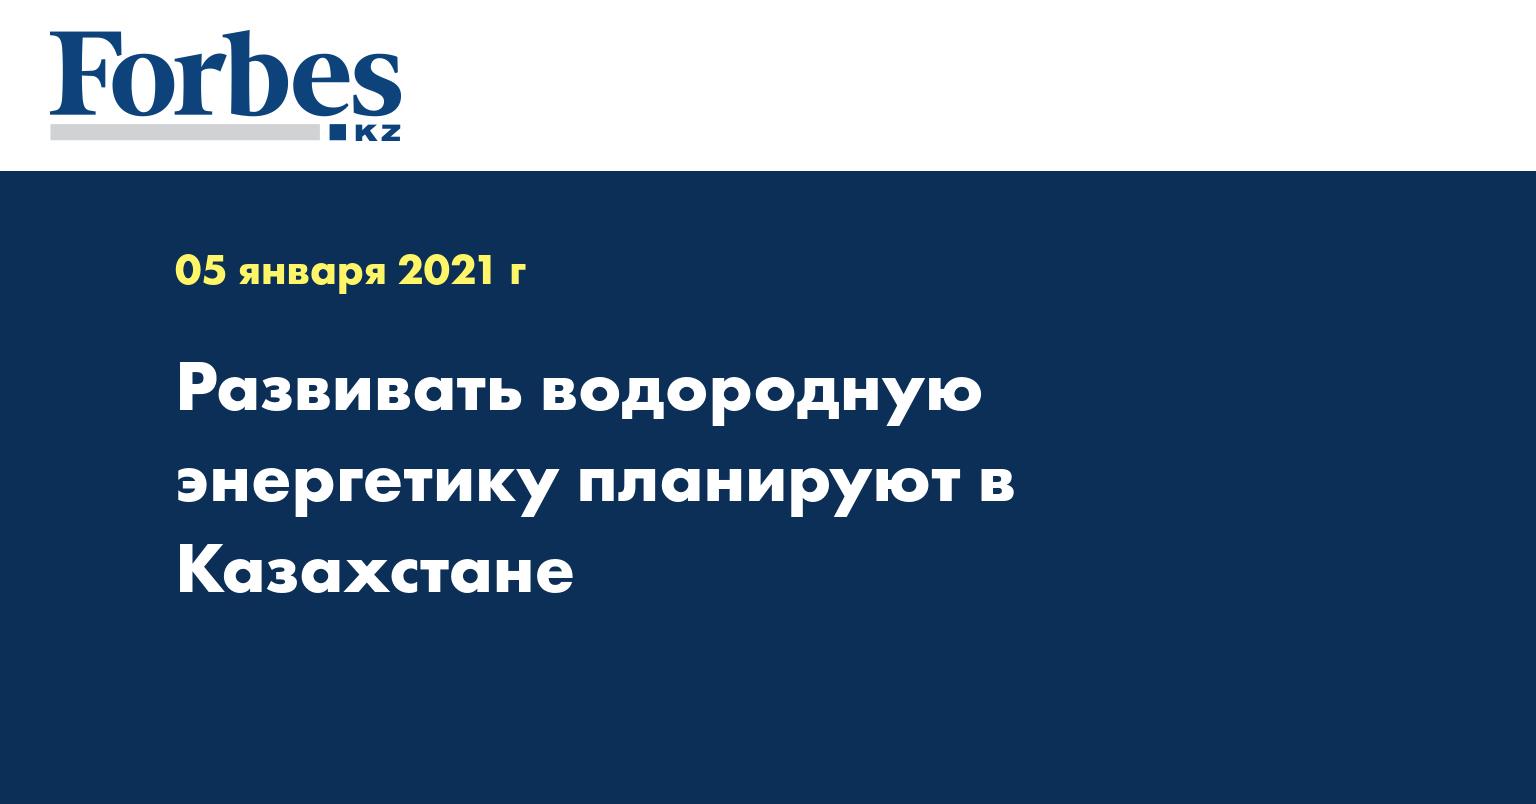 Развивать водородную энергетику планируют в Казахстане